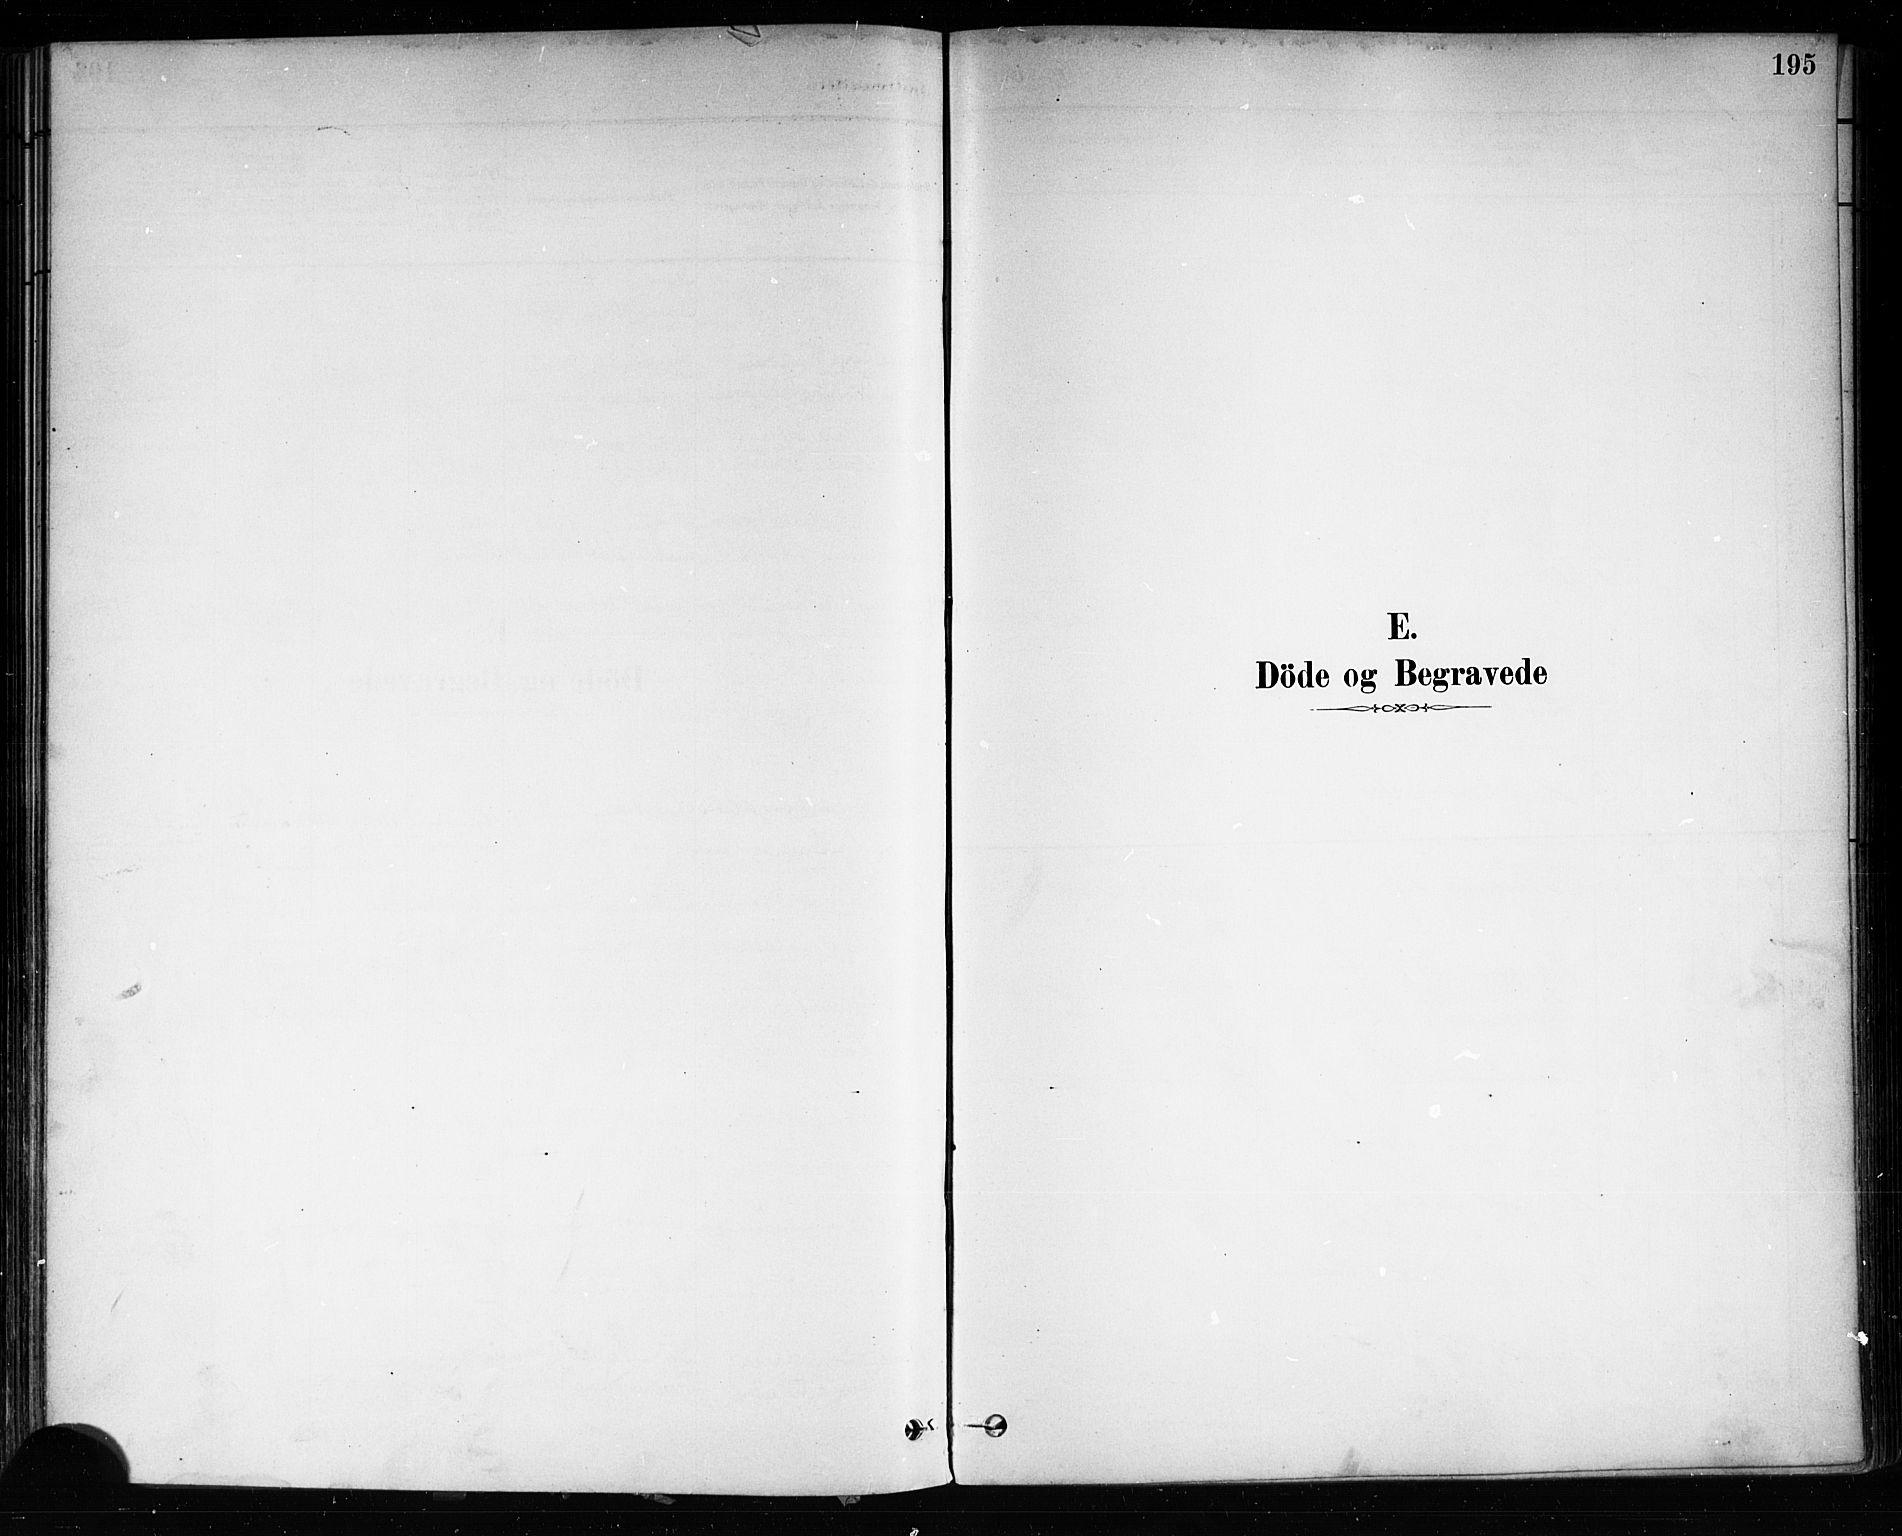 SAKO, Brevik kirkebøker, F/Fa/L0007: Ministerialbok nr. 7, 1882-1900, s. 195